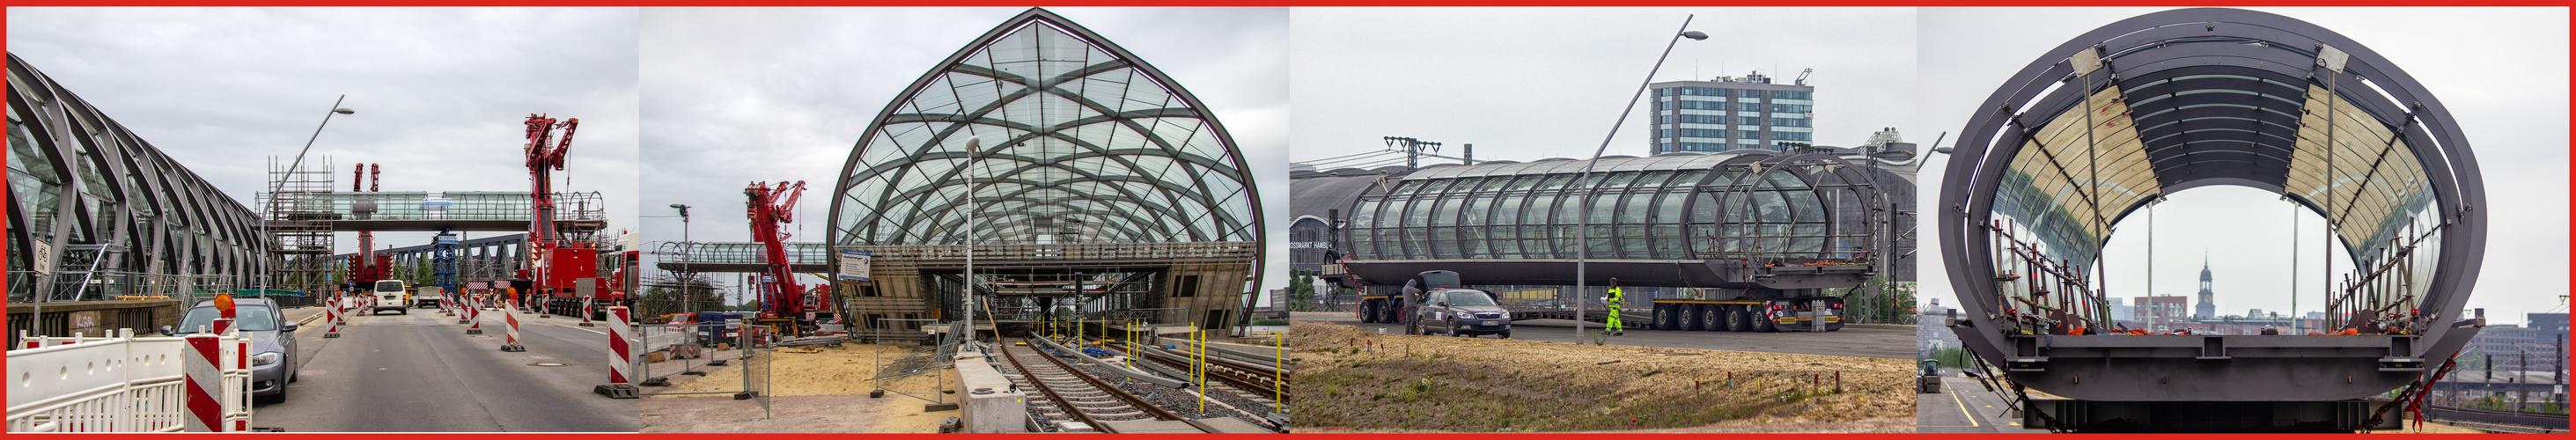 Neues von der Großbaustelle U4-Station ELBBRÜCKEN